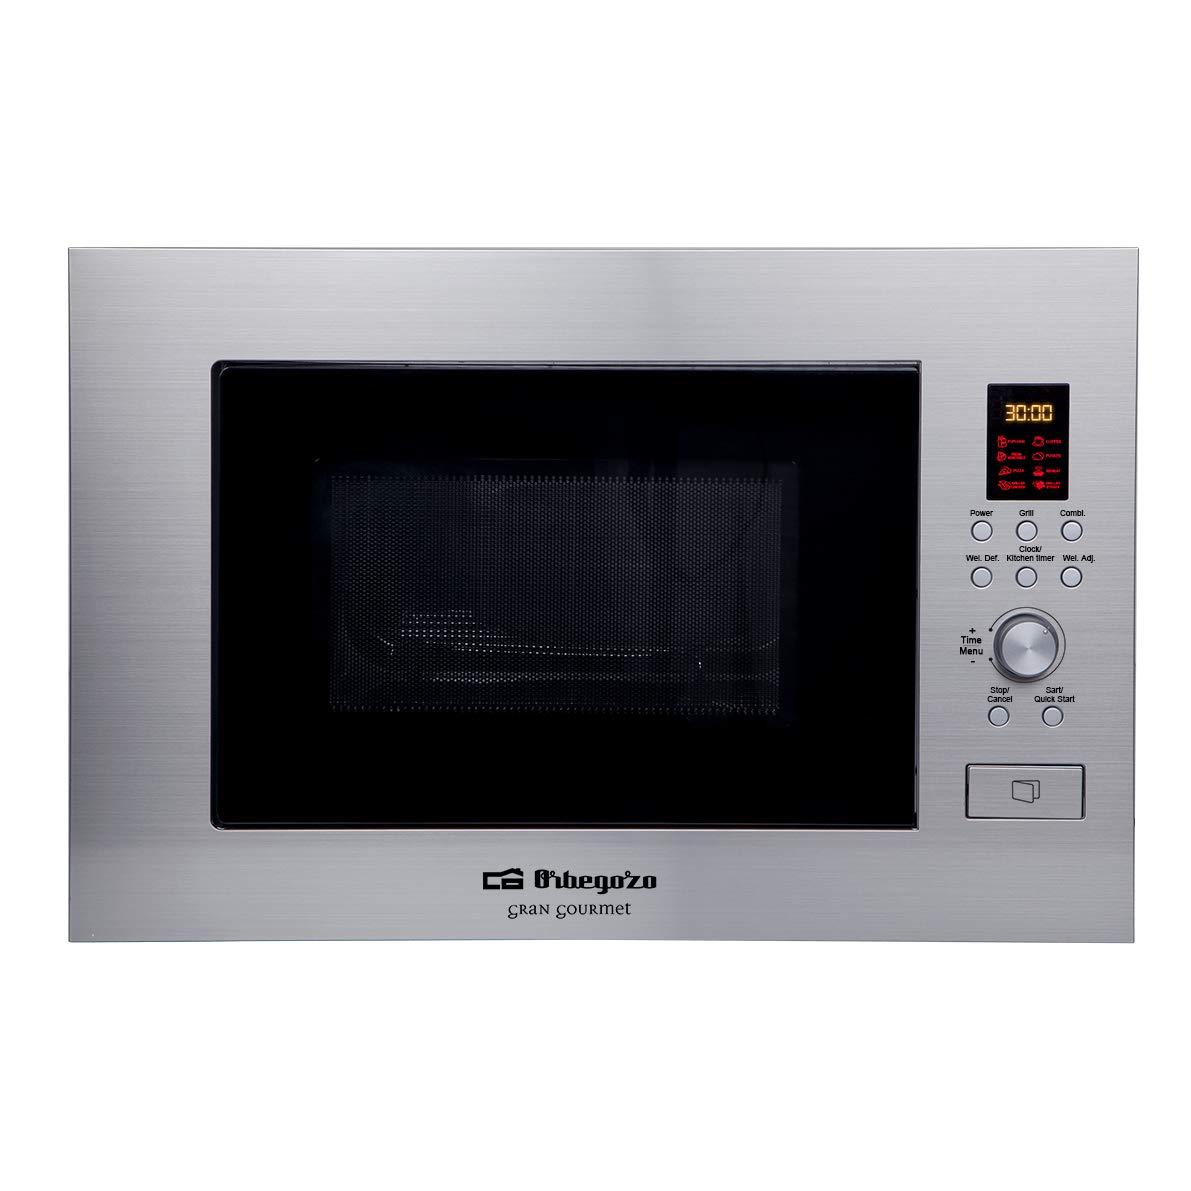 Orbegozo MIG 2330 - Microondas con grill integrable full INOX, 23 litros, 6 niveles de potencia, 8 menús de cocción automática, display digital, ...